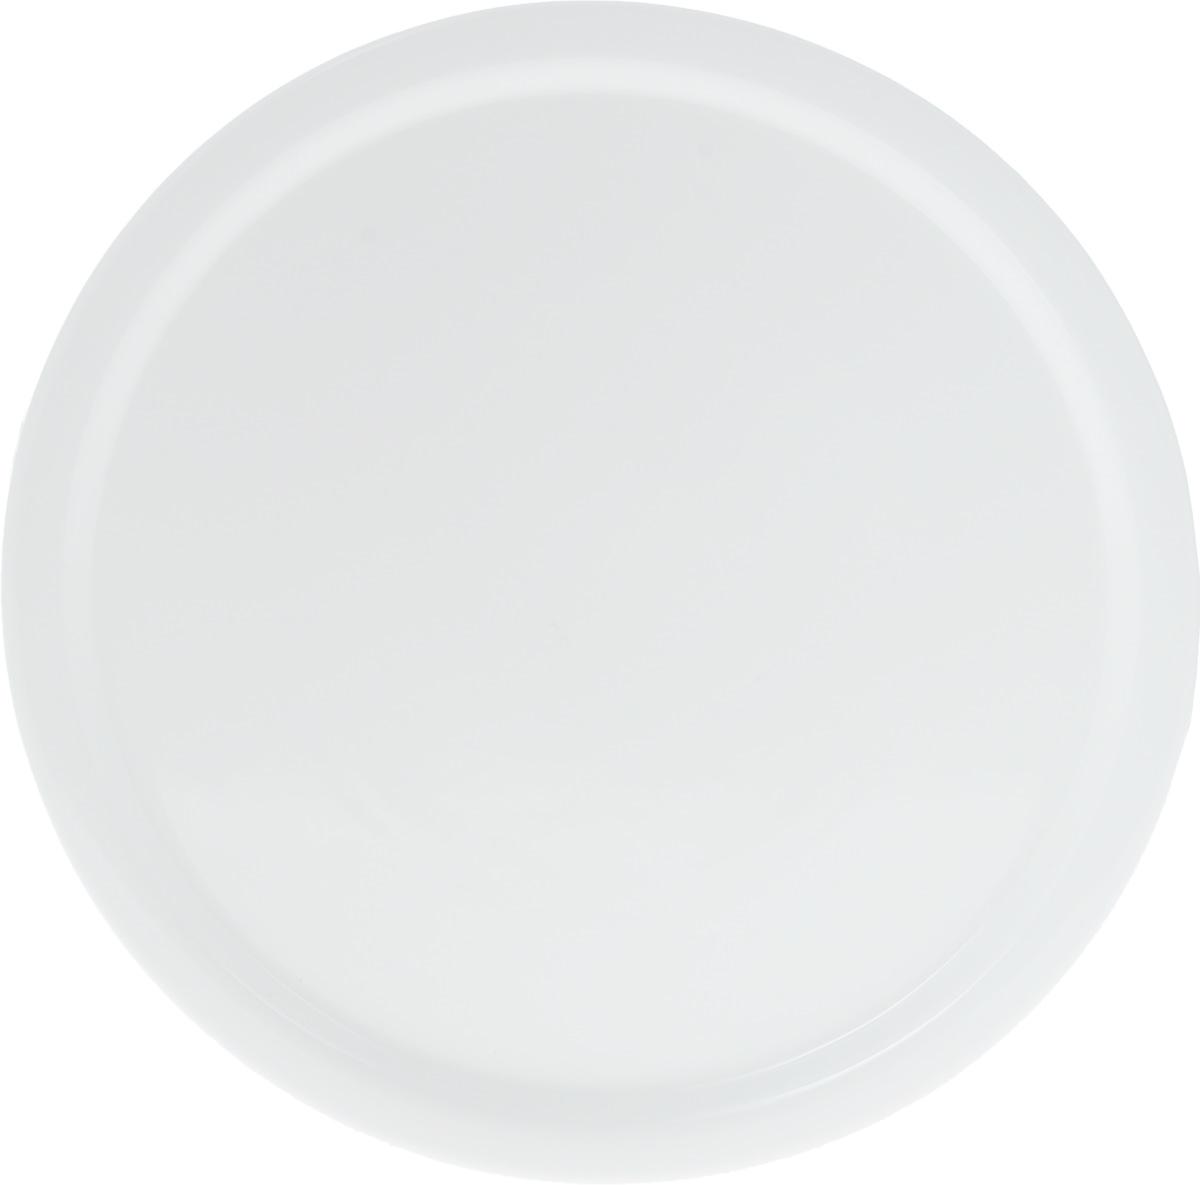 Блюдо для пиццы Wilmax, диаметр 35,5 см219031105Оригинальное круглое блюдо Wilmax, изготовленное из фарфора с глазурованным покрытием, идеально подойдет для подачи пиццы, а также других блюд. Оно украсит ваш кухонный стол, а также станет замечательным подарком к любому празднику.